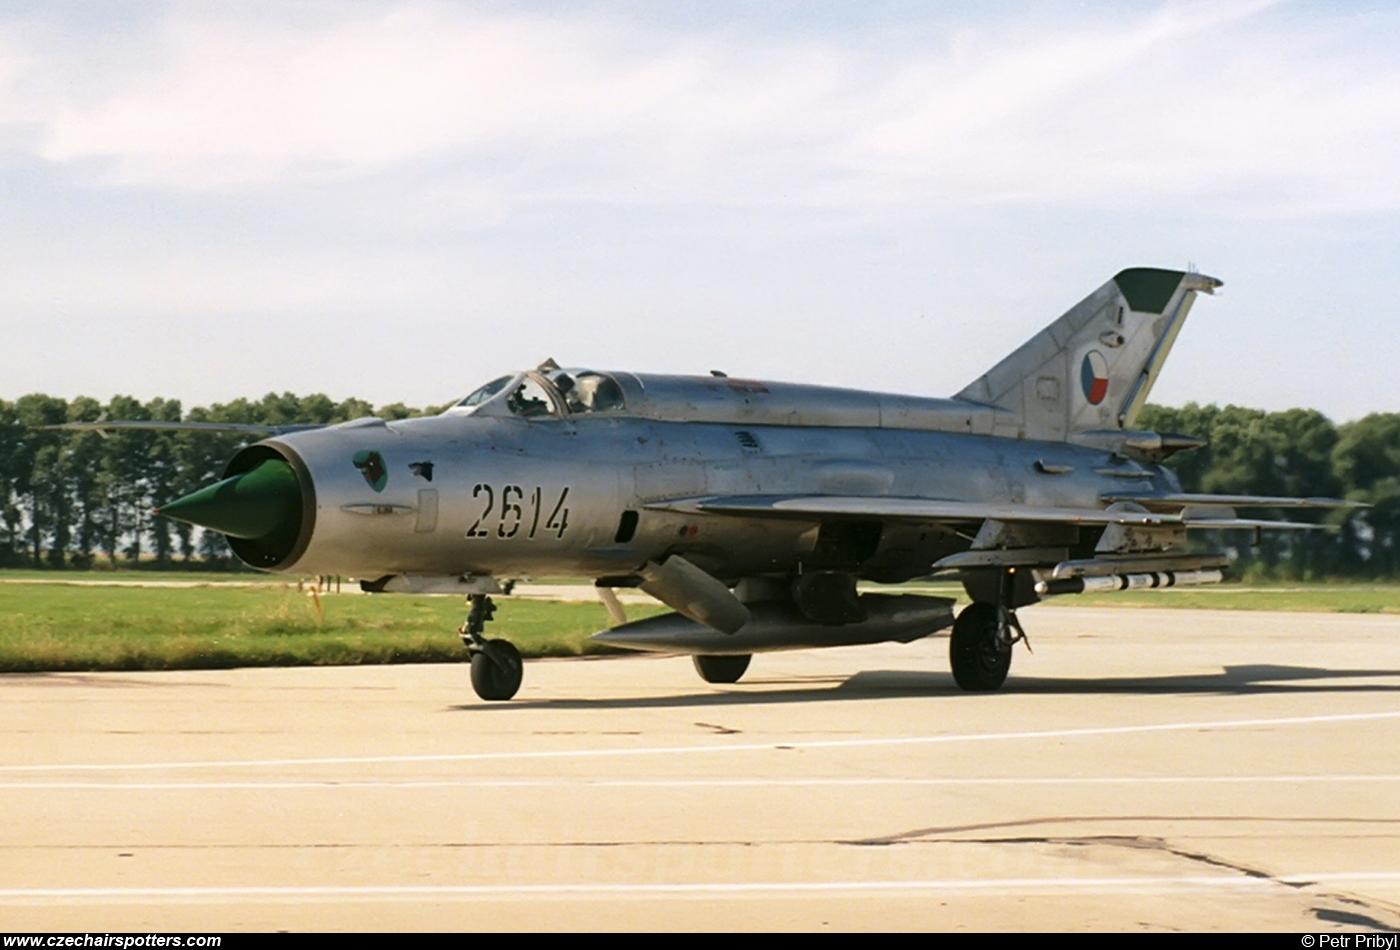 Czech - Air Force – Mikoyan-Gurevich MiG-21MA 2614